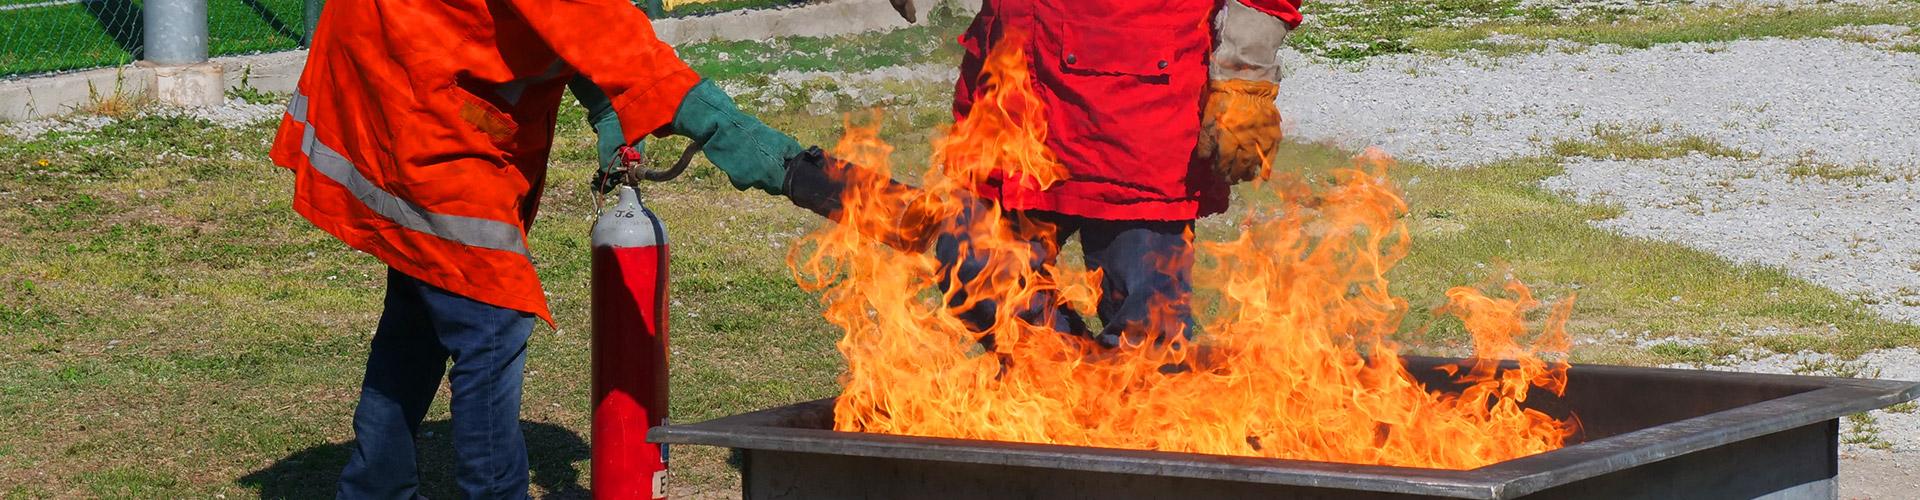 Sicurezza antincendio – VRS corsi di formazione